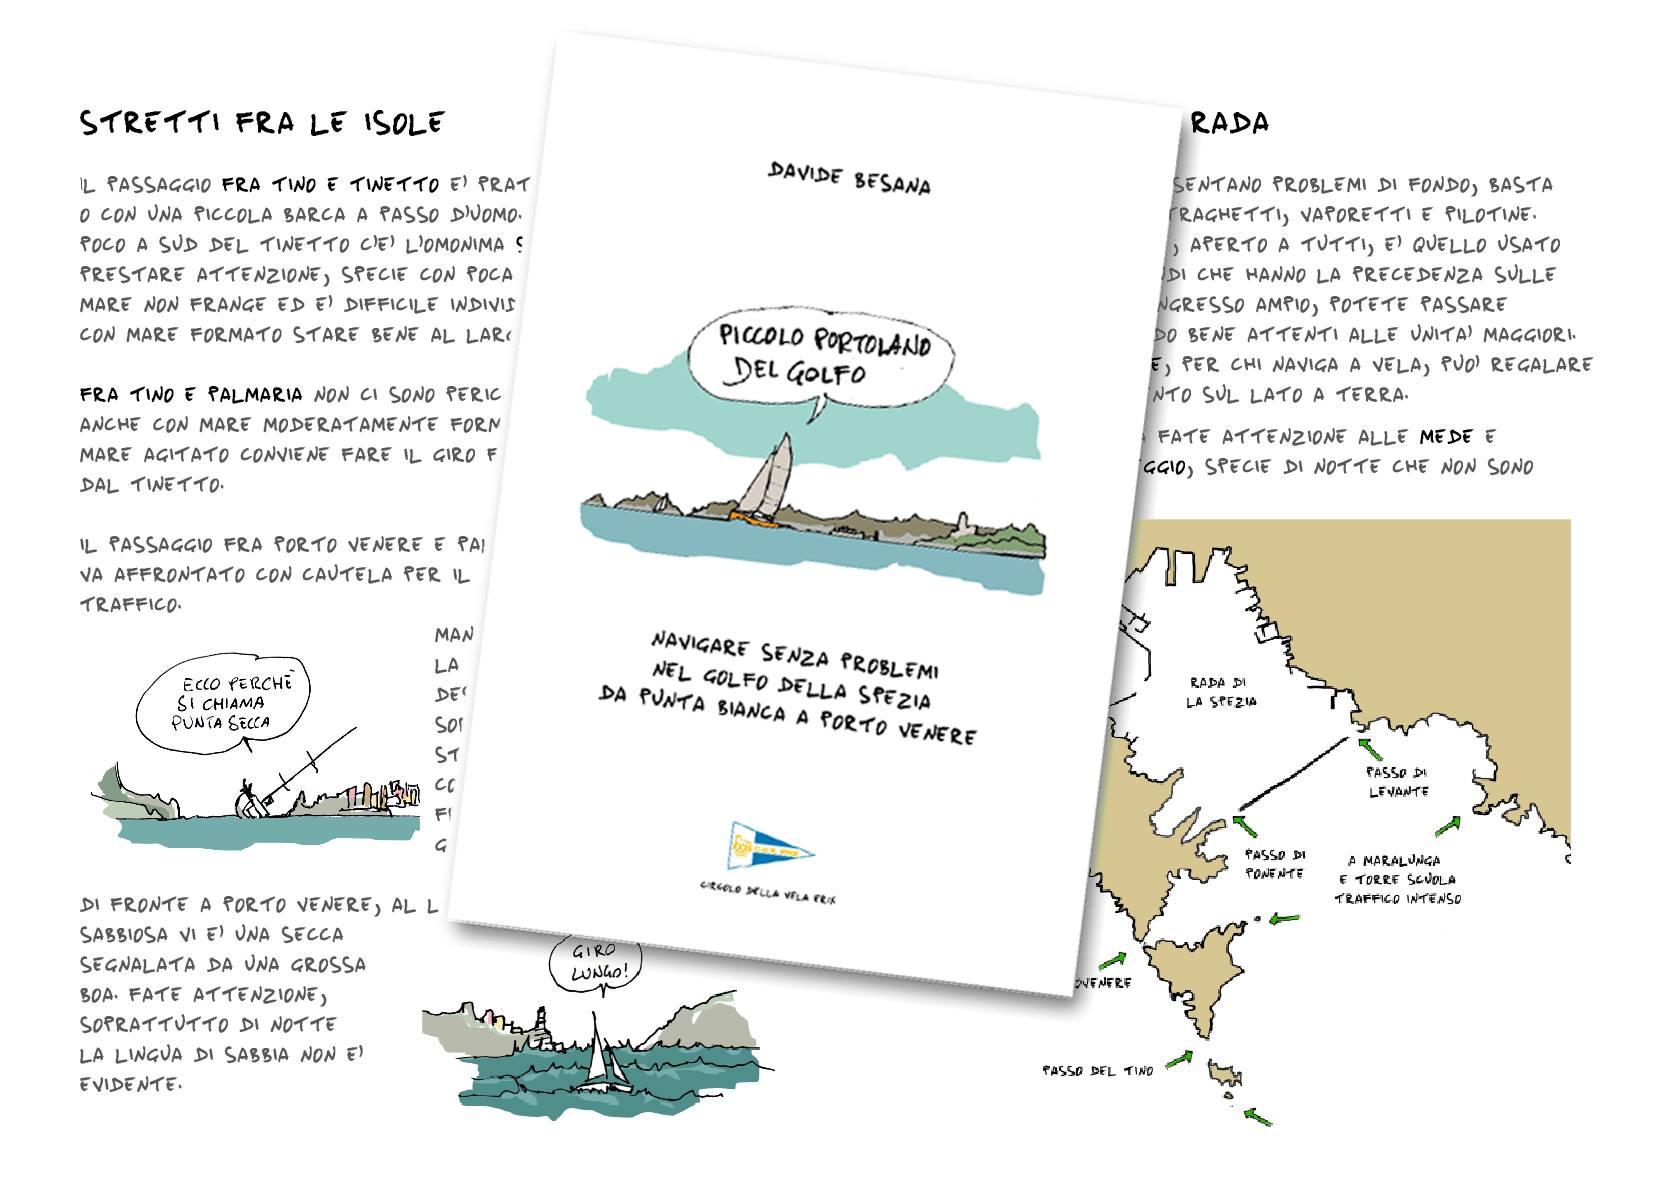 Piccolo Portolano del Golfo Davide Besana 01